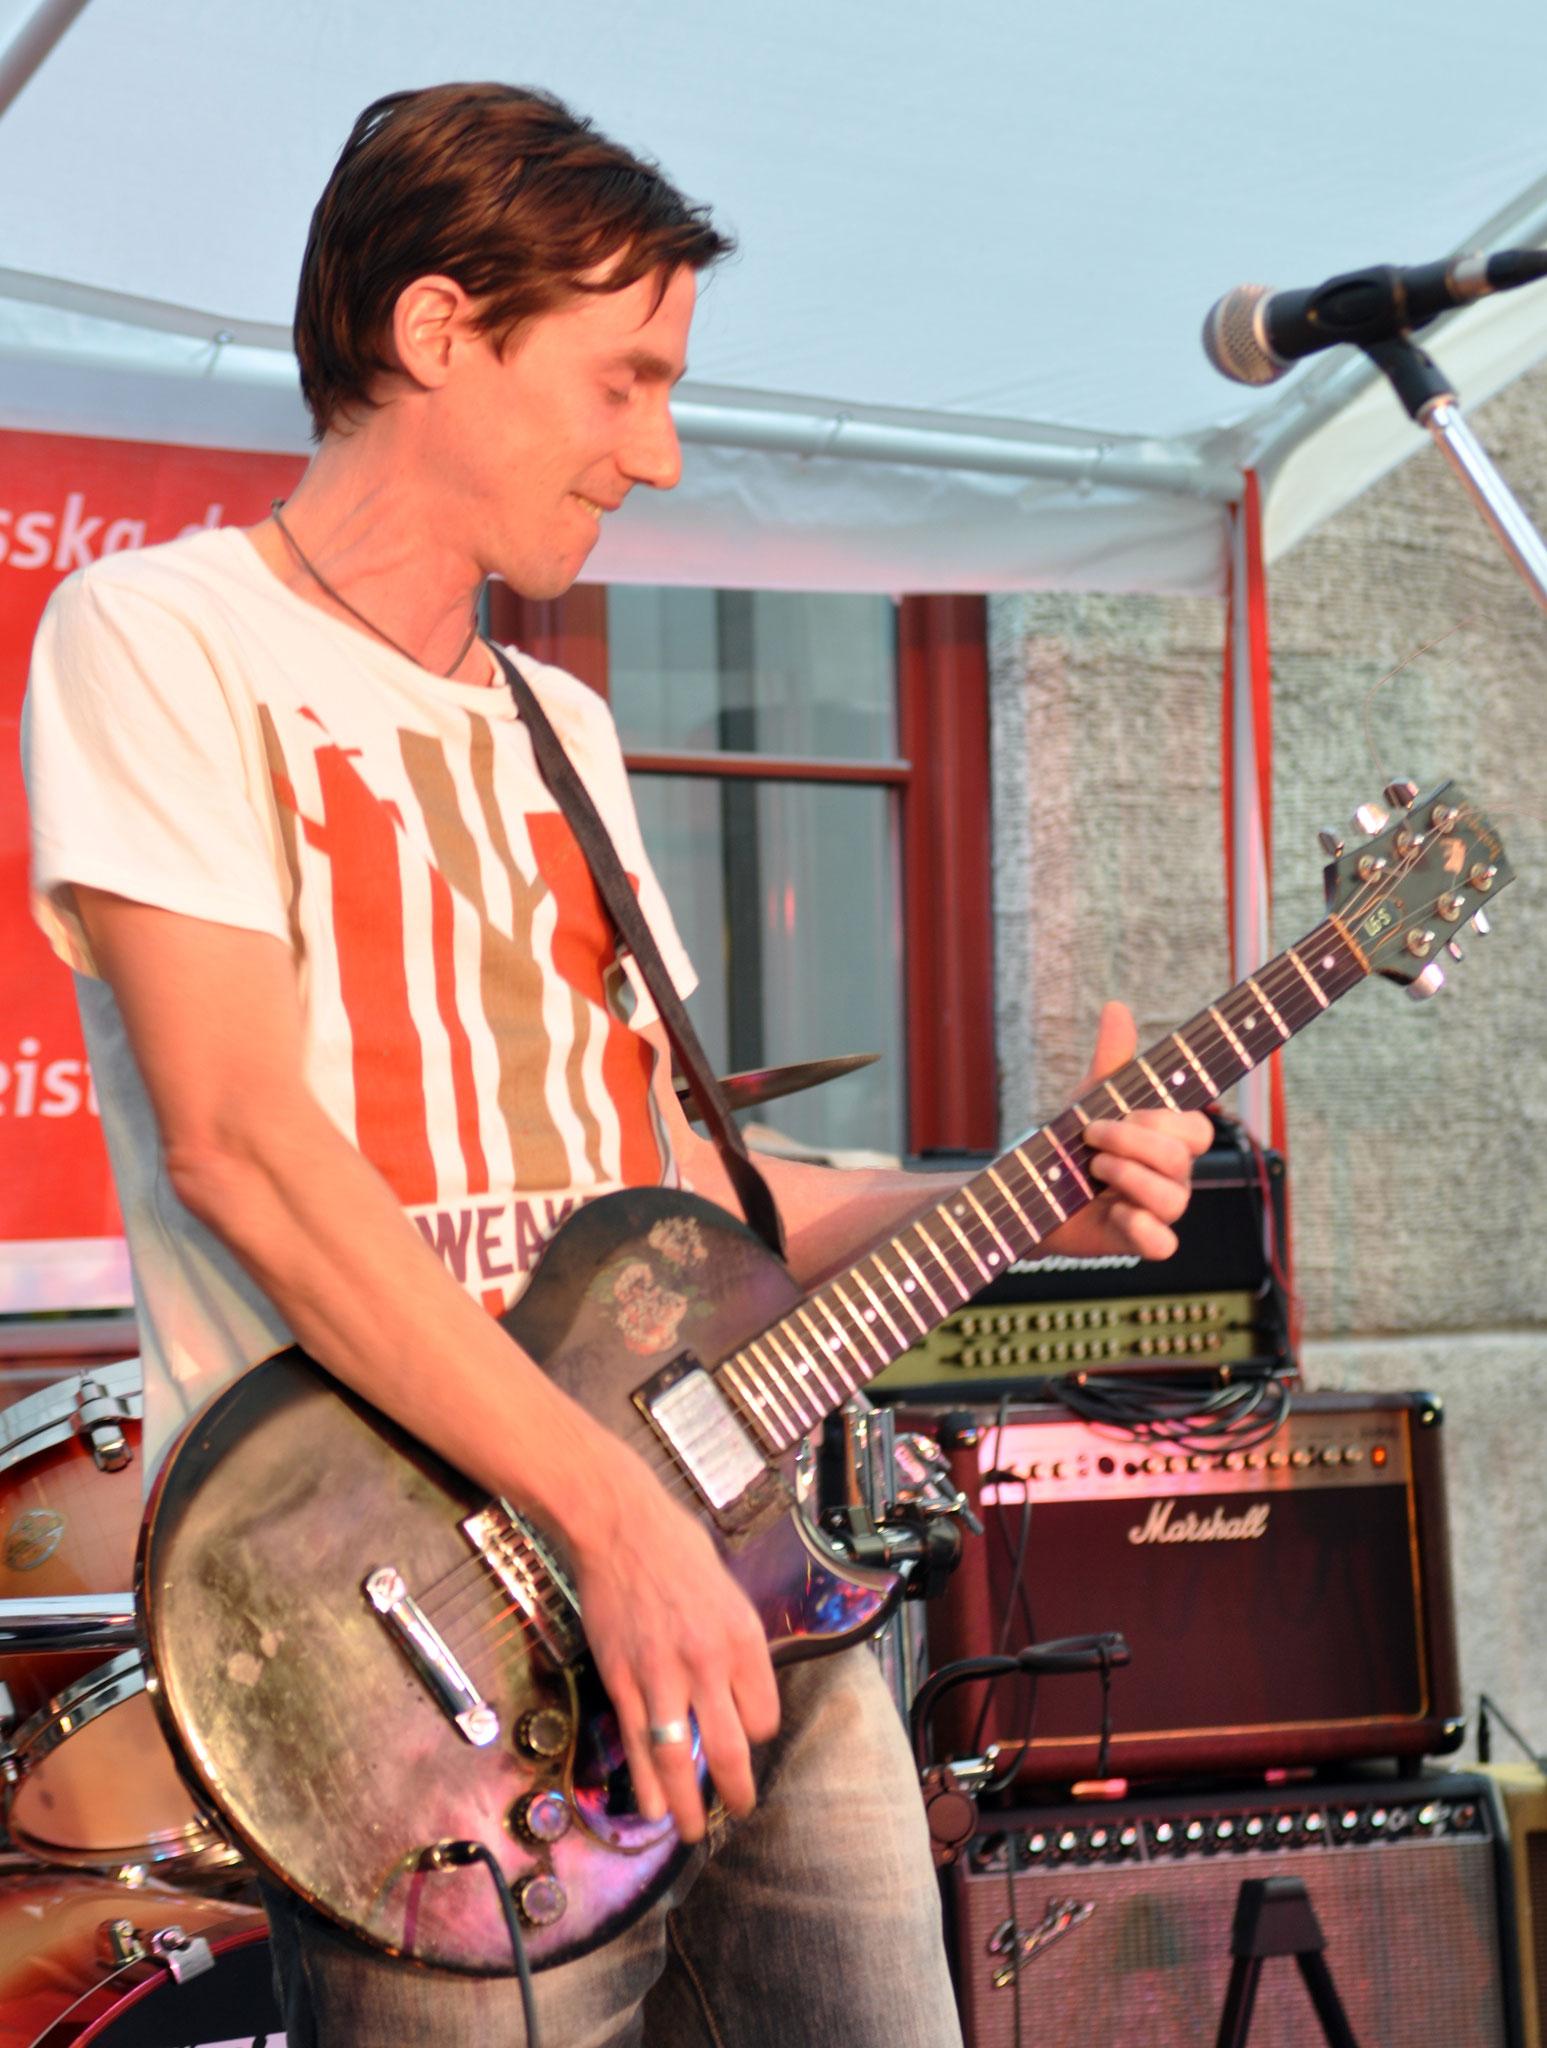 Konzerte im Bürgerhof 16.07.11 Müller - Freiwilligen-Zentrum Augsburg - Foto: Martin Schönberger